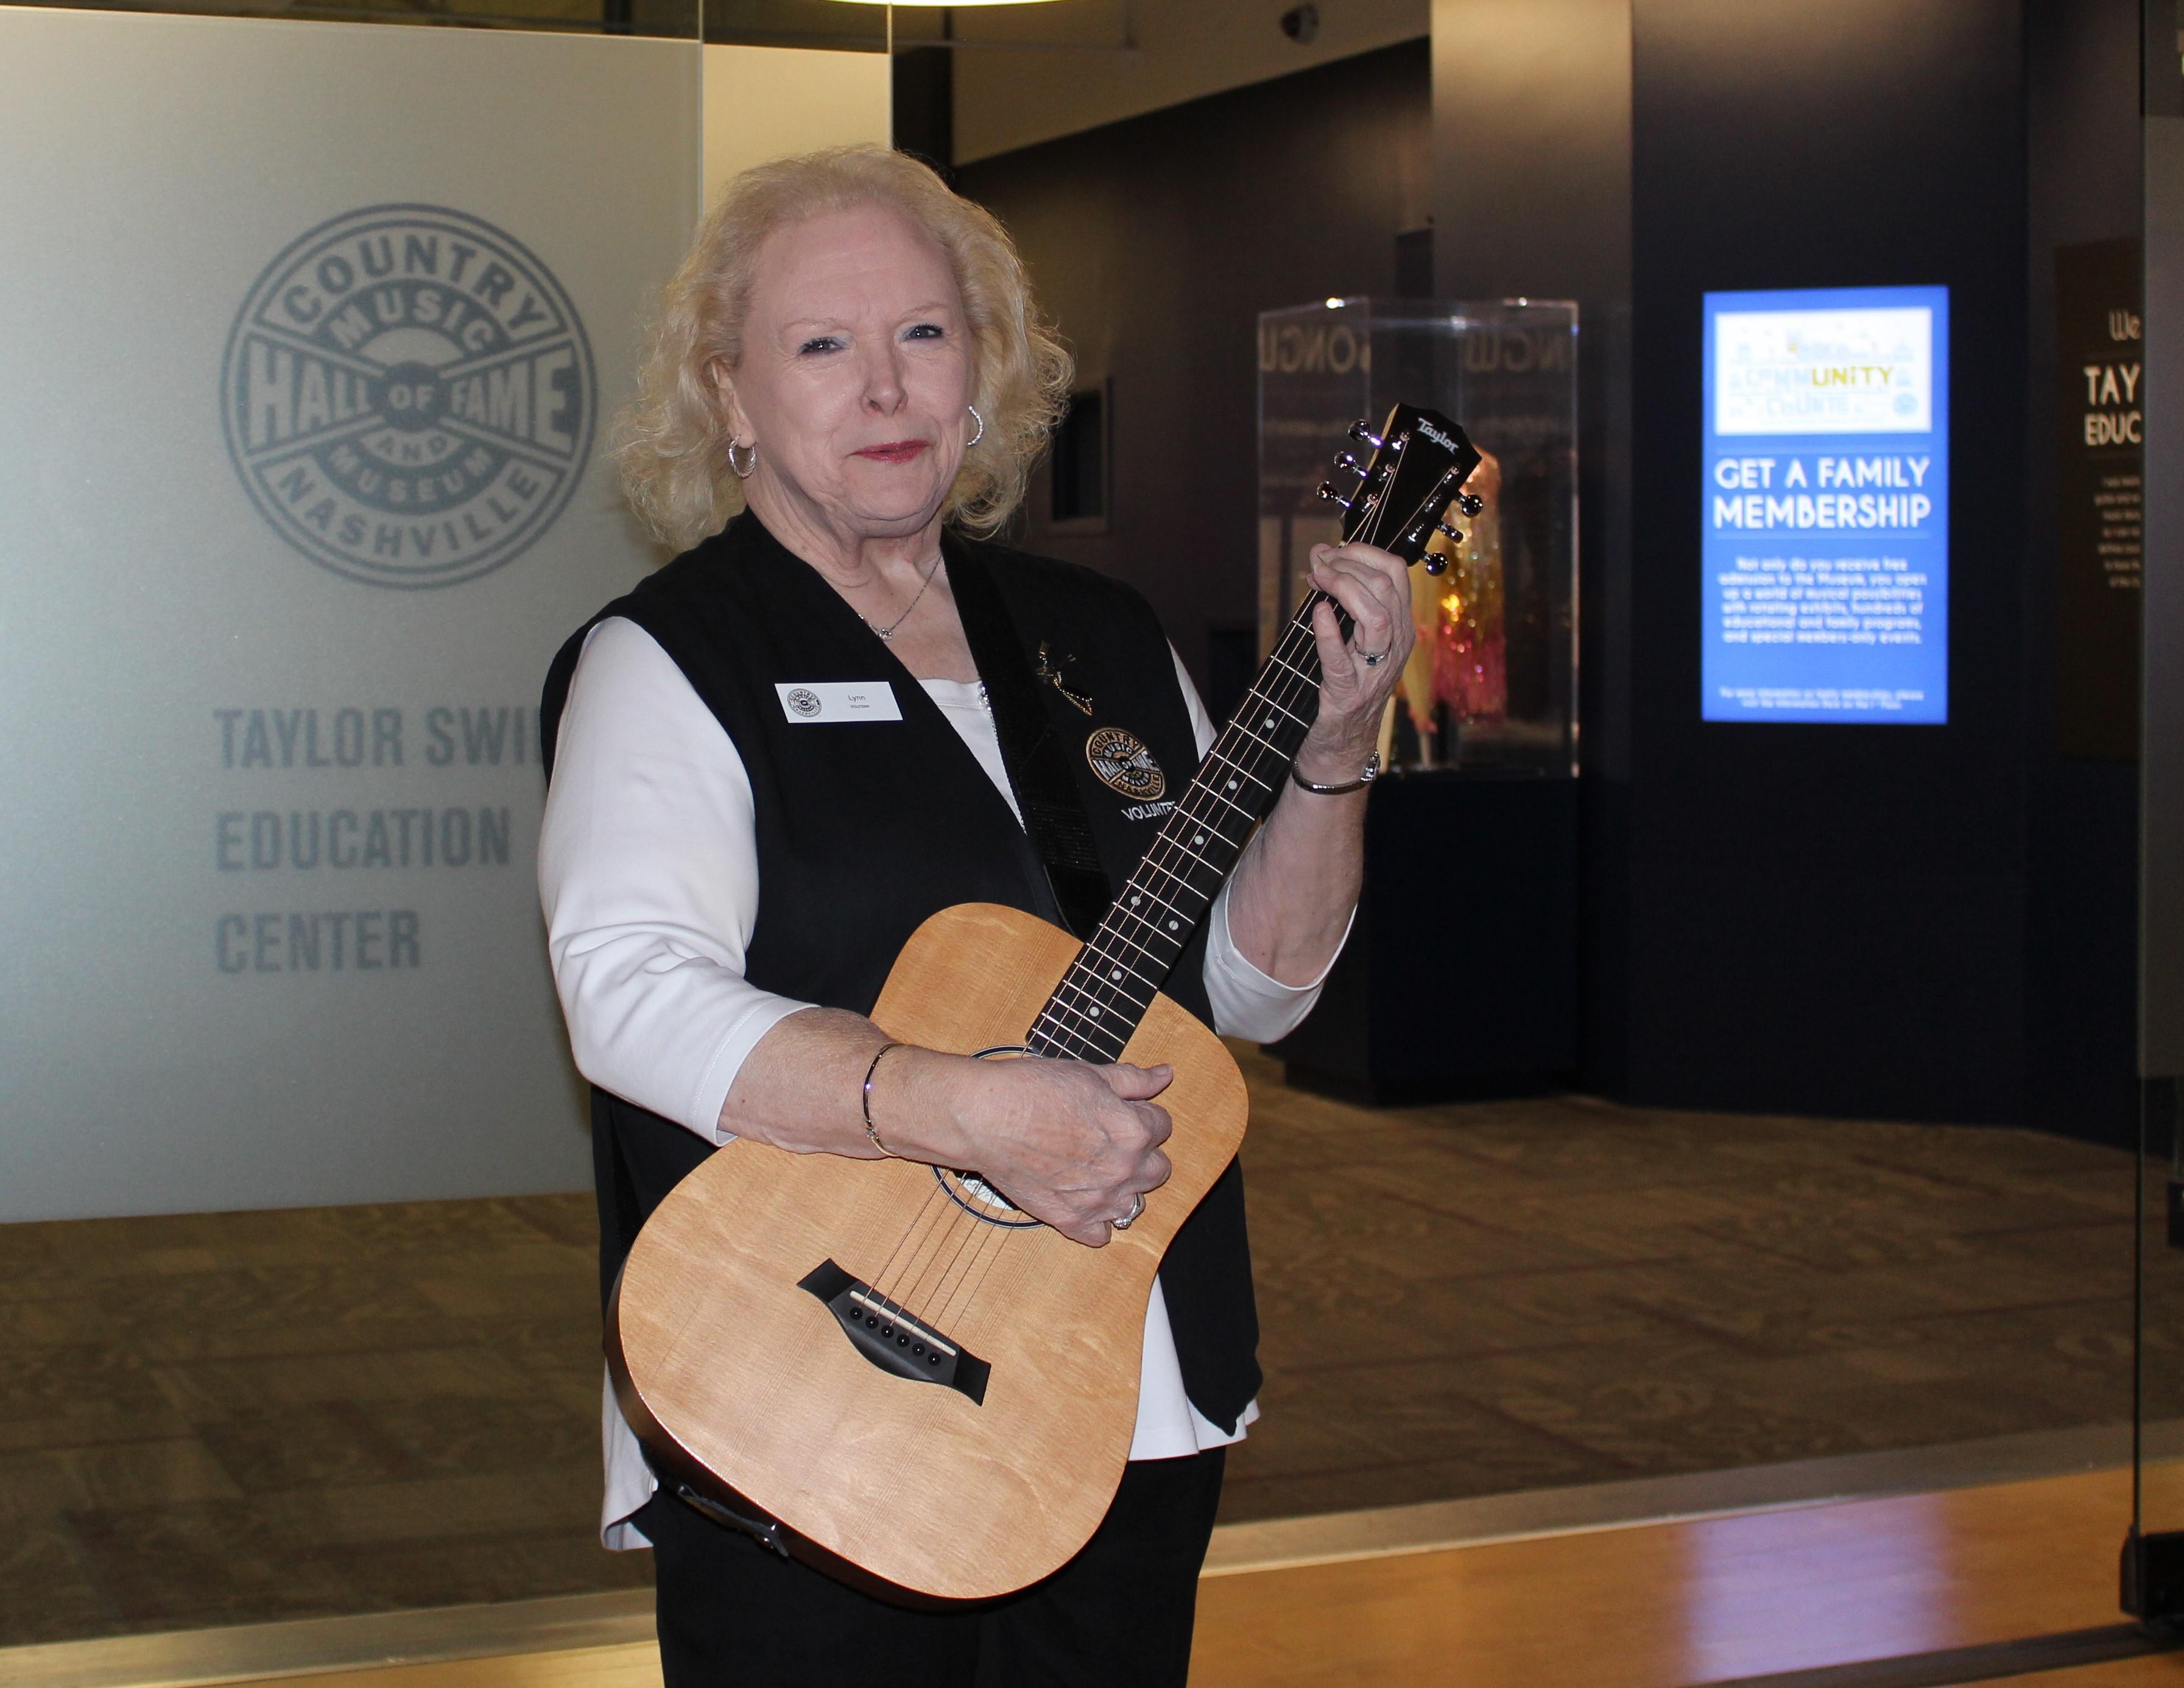 Volunteer Lynn Nolan holding guitar